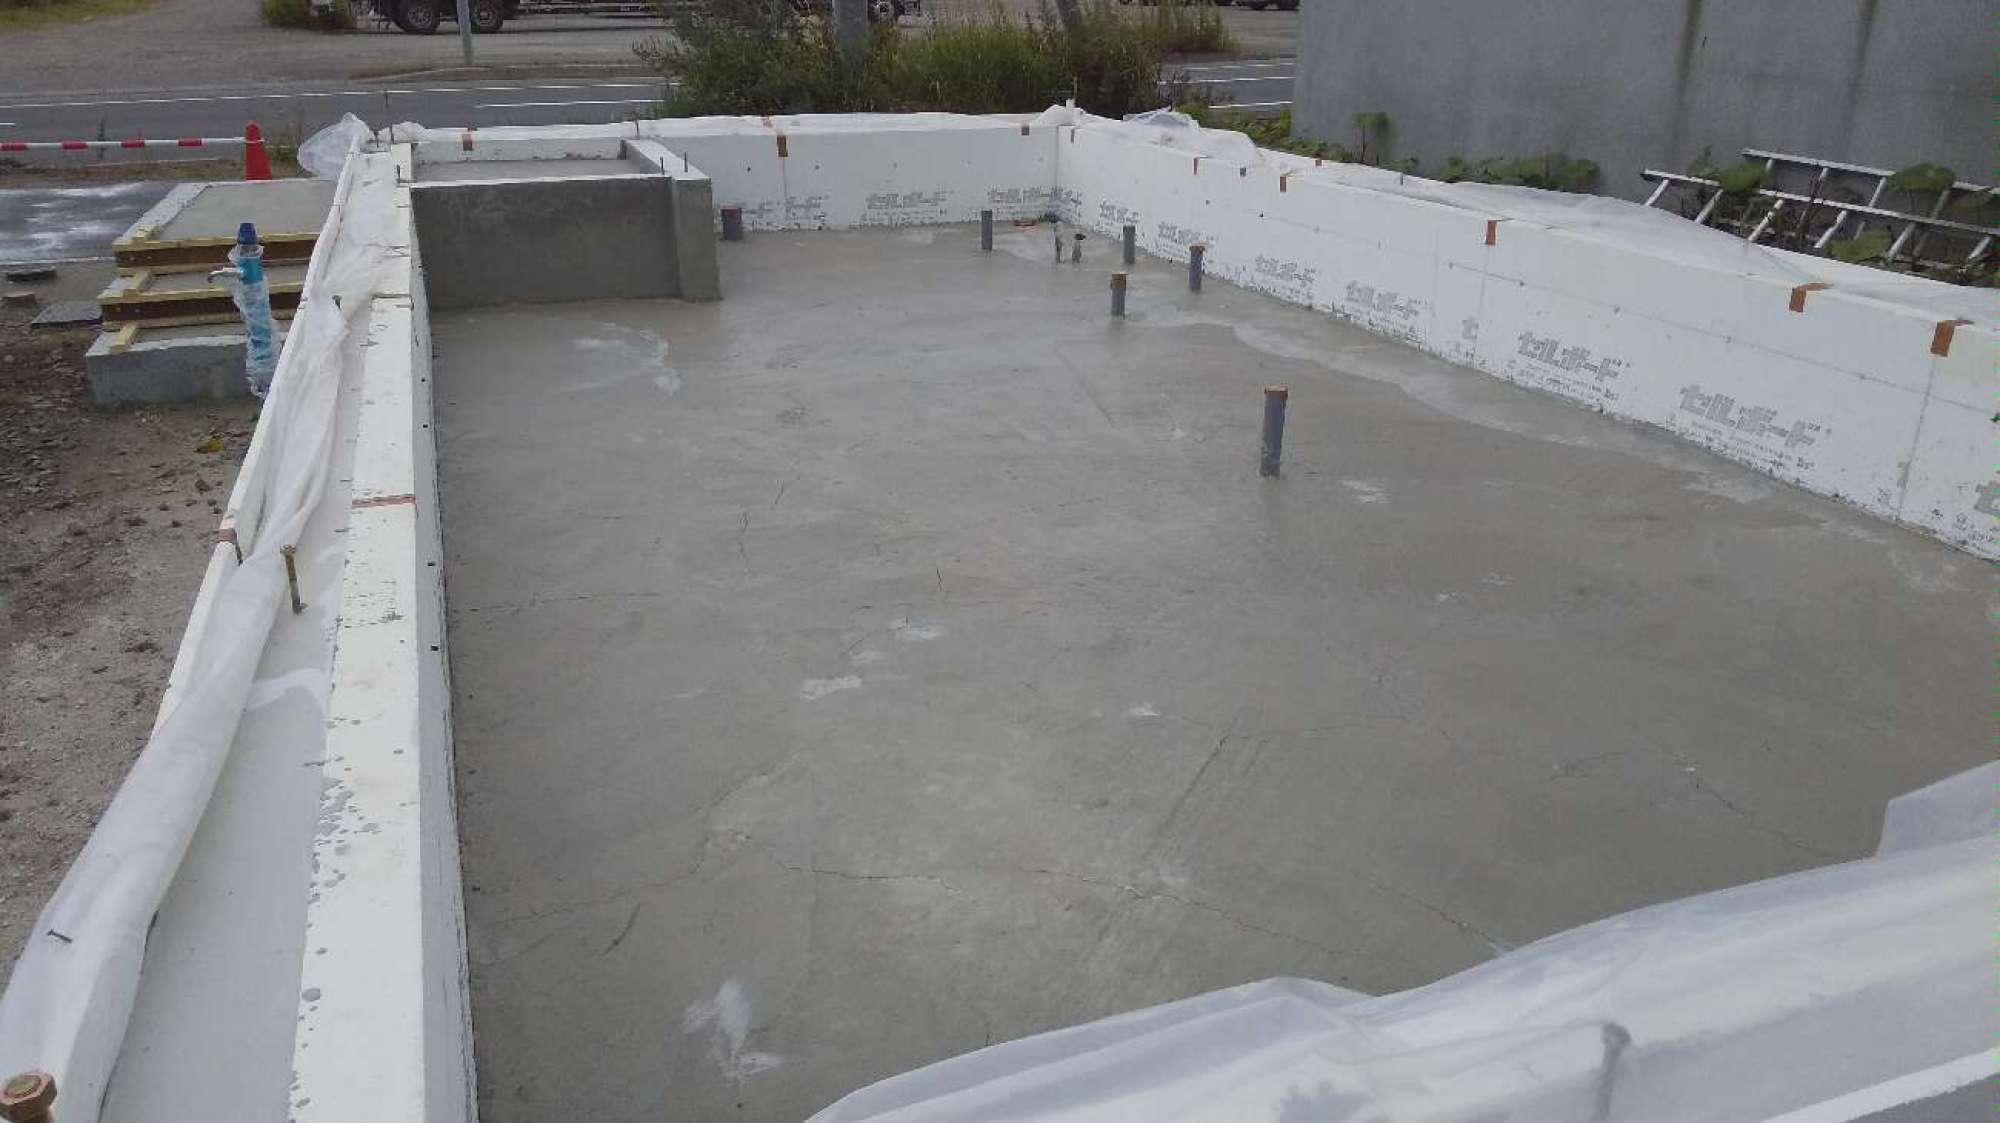 土間コンクリート打設 -  -  -